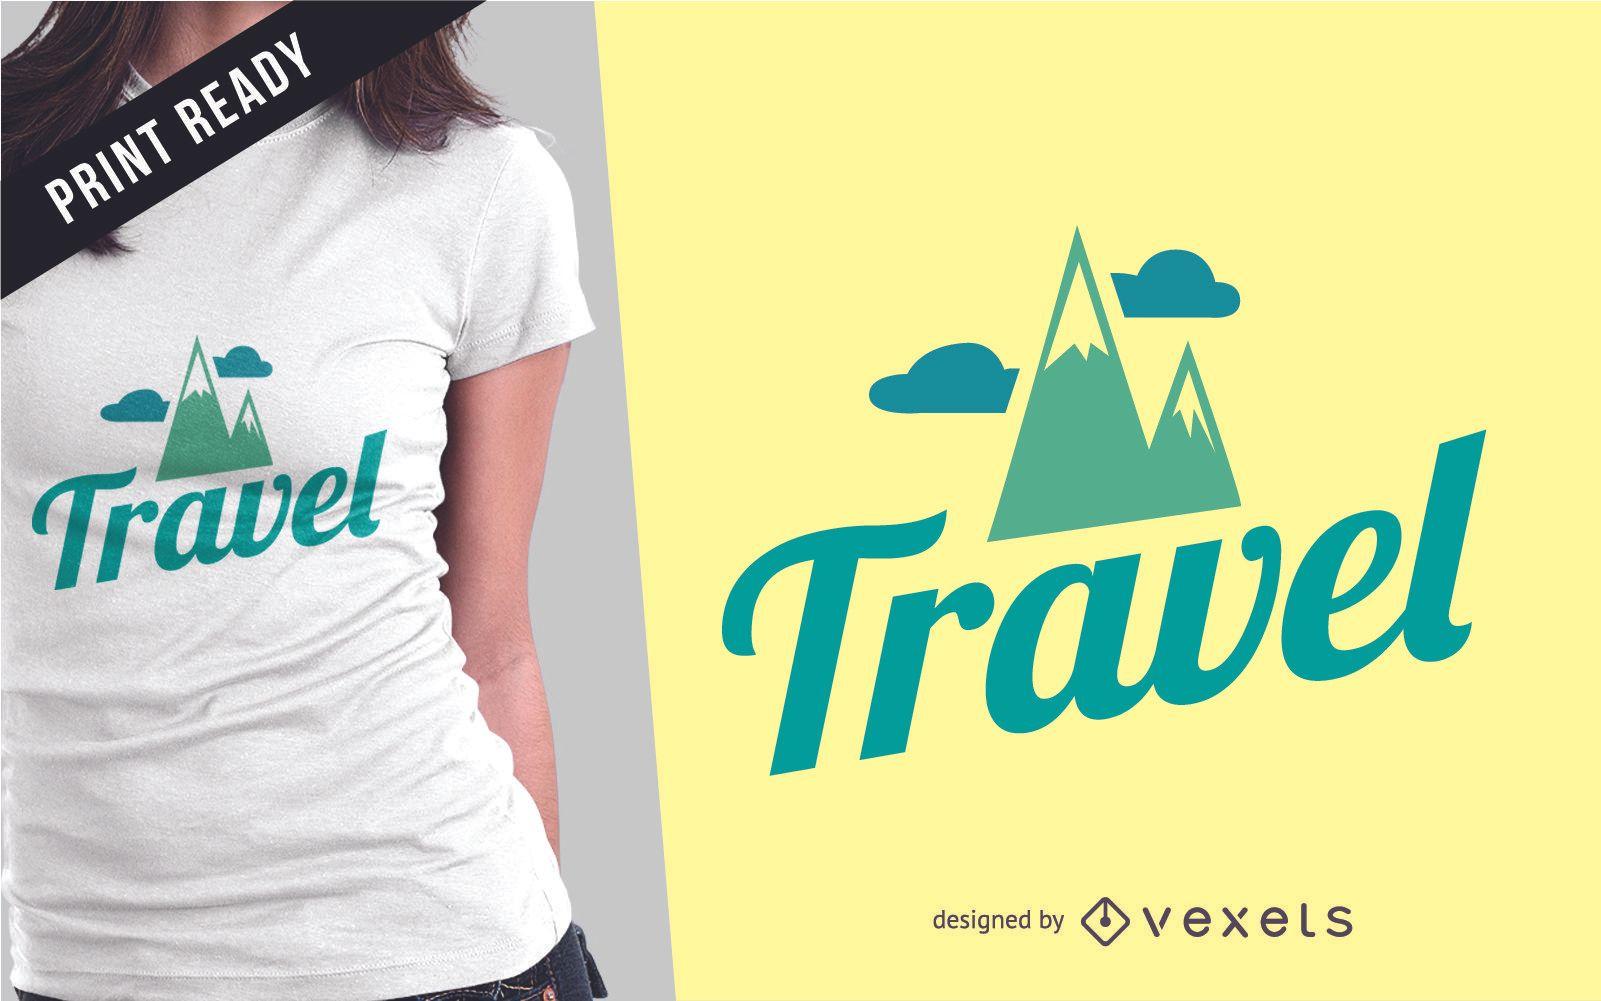 Dise?o de camiseta de mercanc?a de viaje.